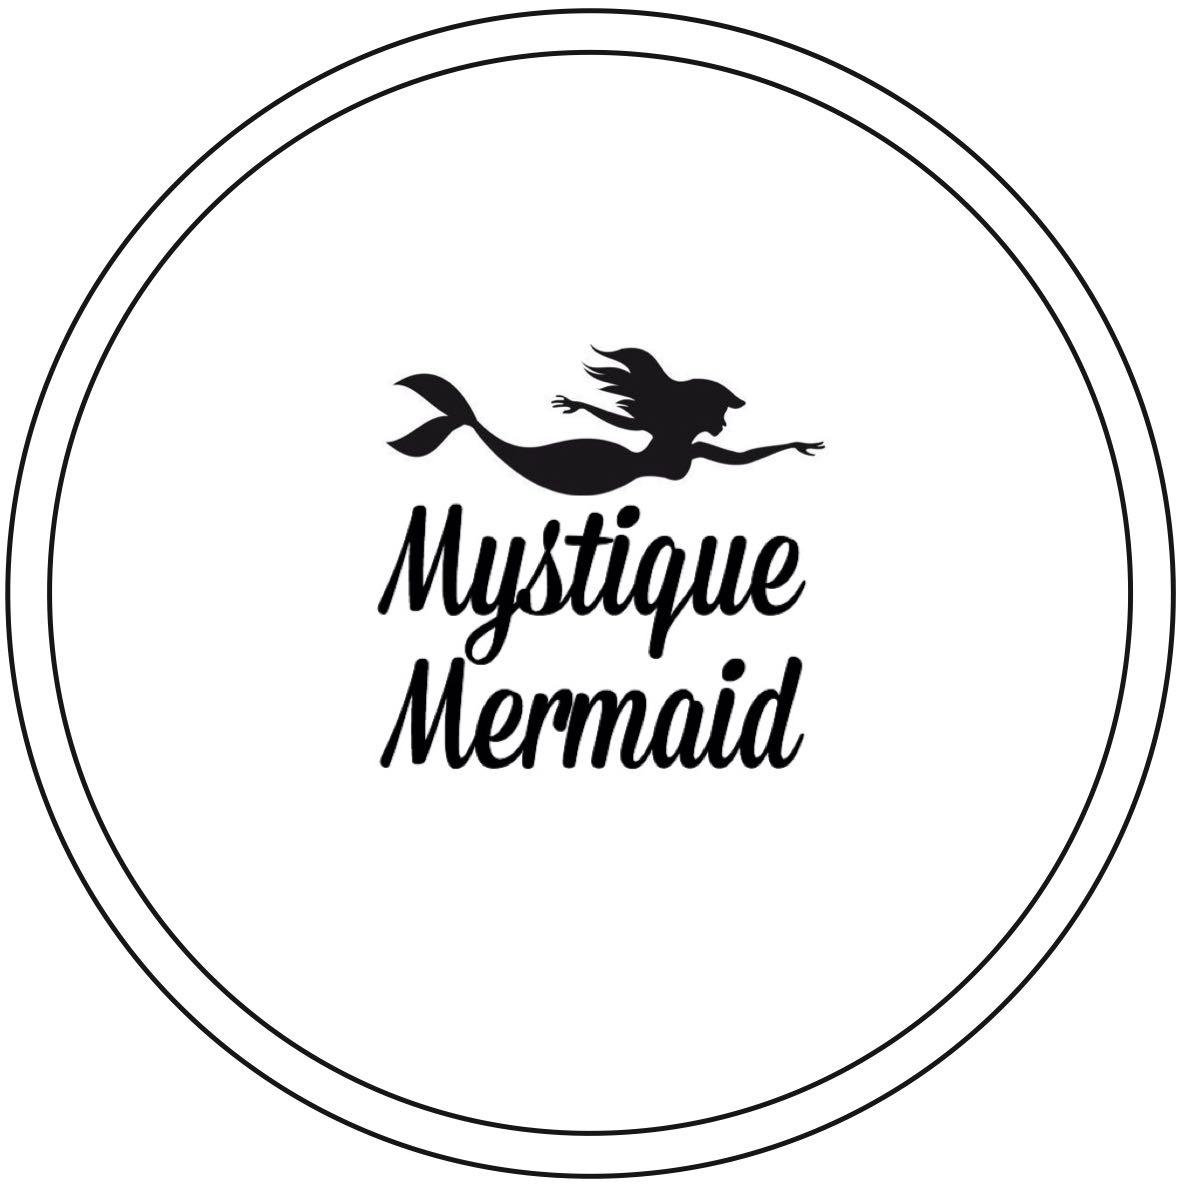 mystiquemermaid